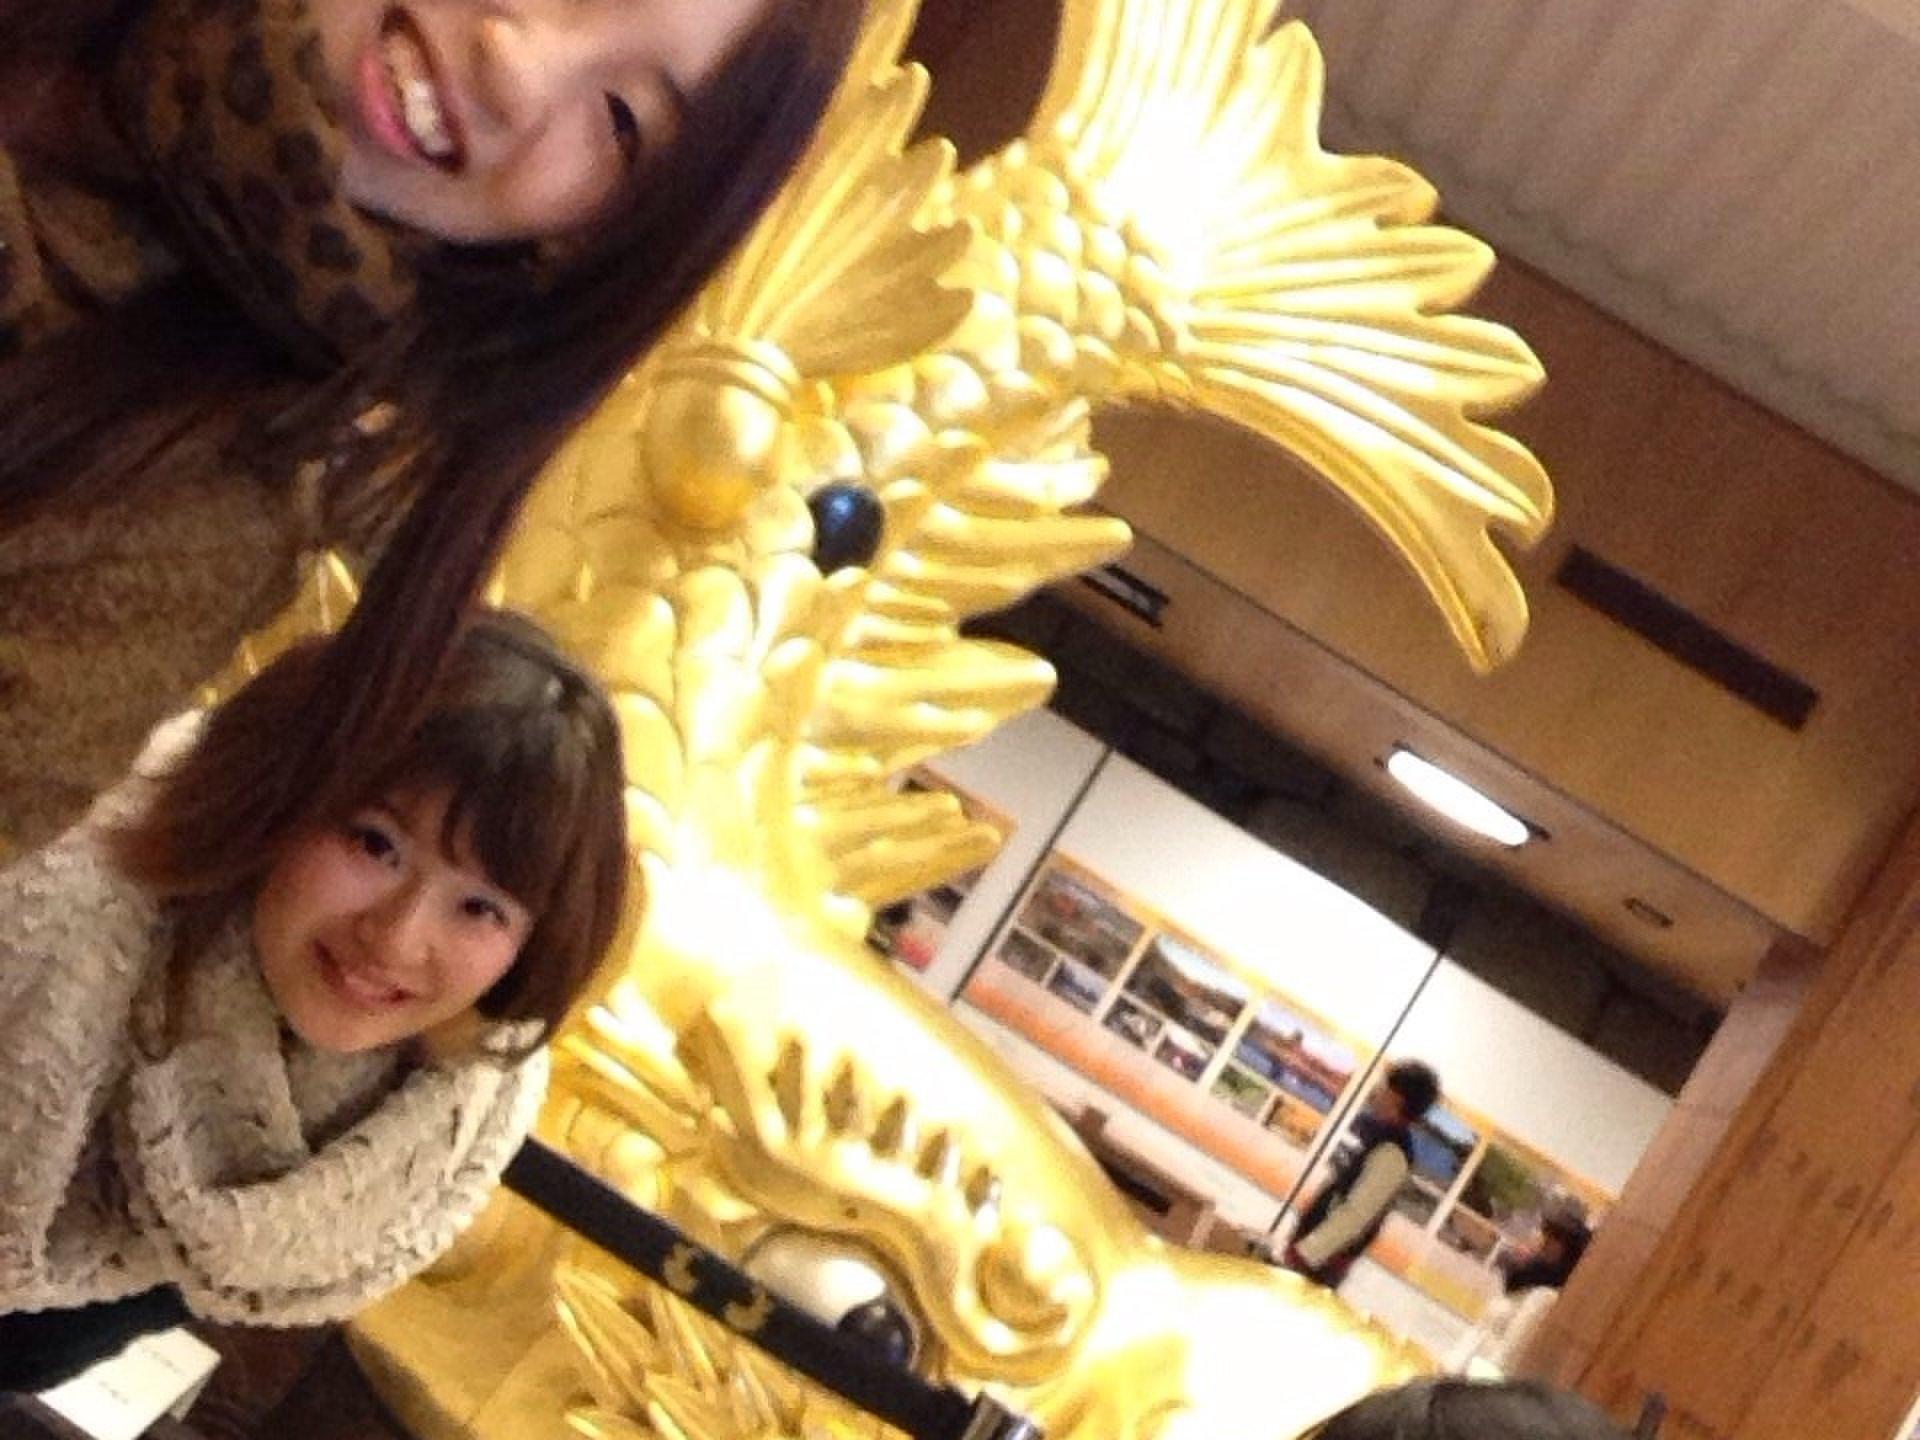 【名古屋】観光ならこれを楽しもう!半日で名古屋を満喫できるオススメスポット